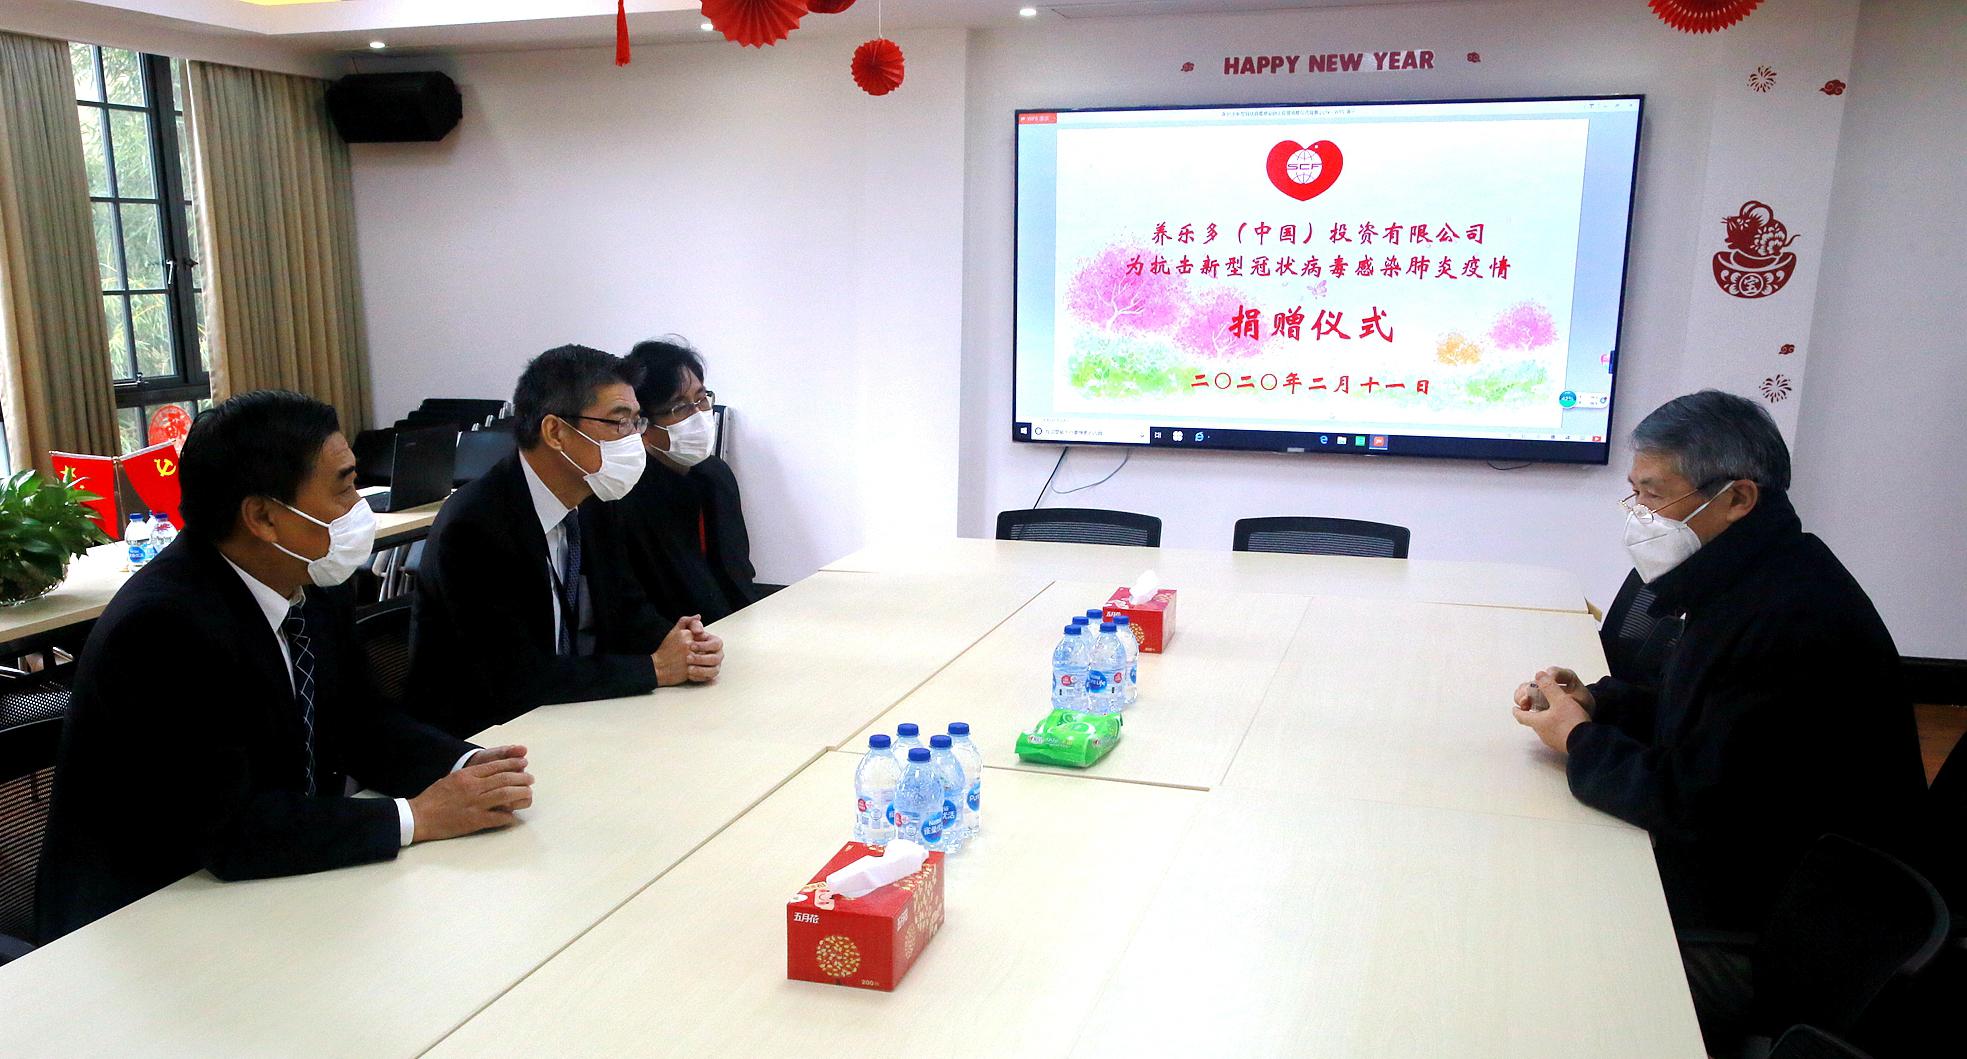 养乐多(中国)投资有限公司向上海市慈善基金会捐赠仪式现场